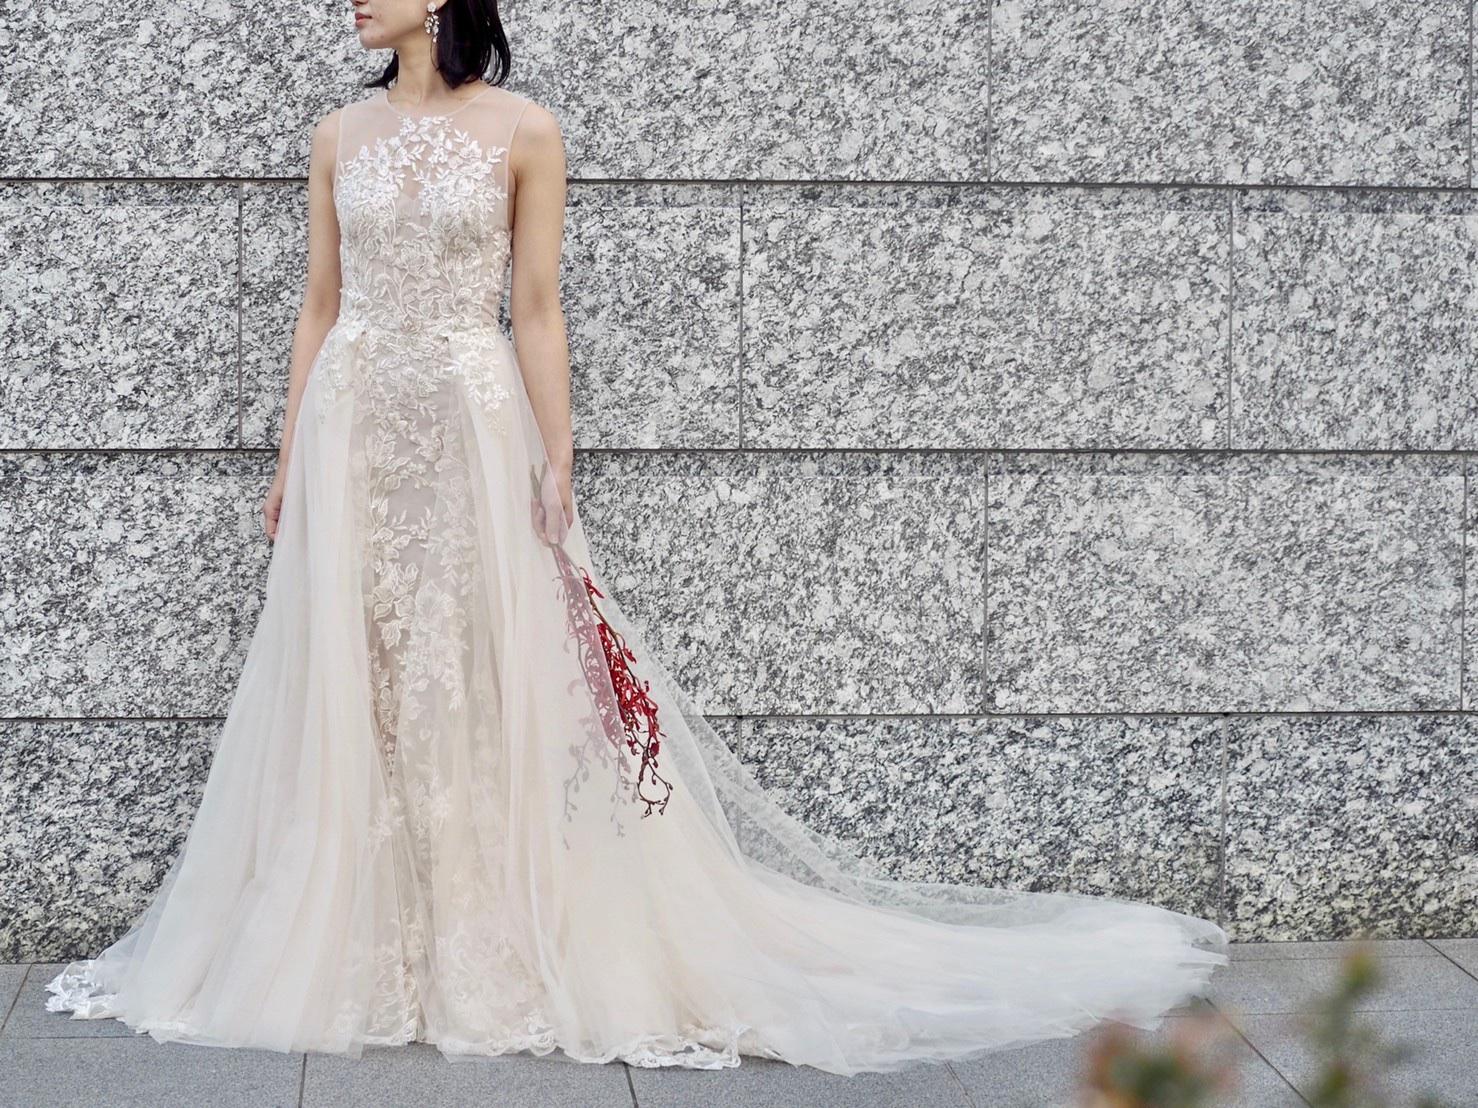 ザ・トリートドレッシング神戸店にてお取り扱いのあるオーバースカートとマーメイドドレスがお楽しみいただけるドレスのご紹介